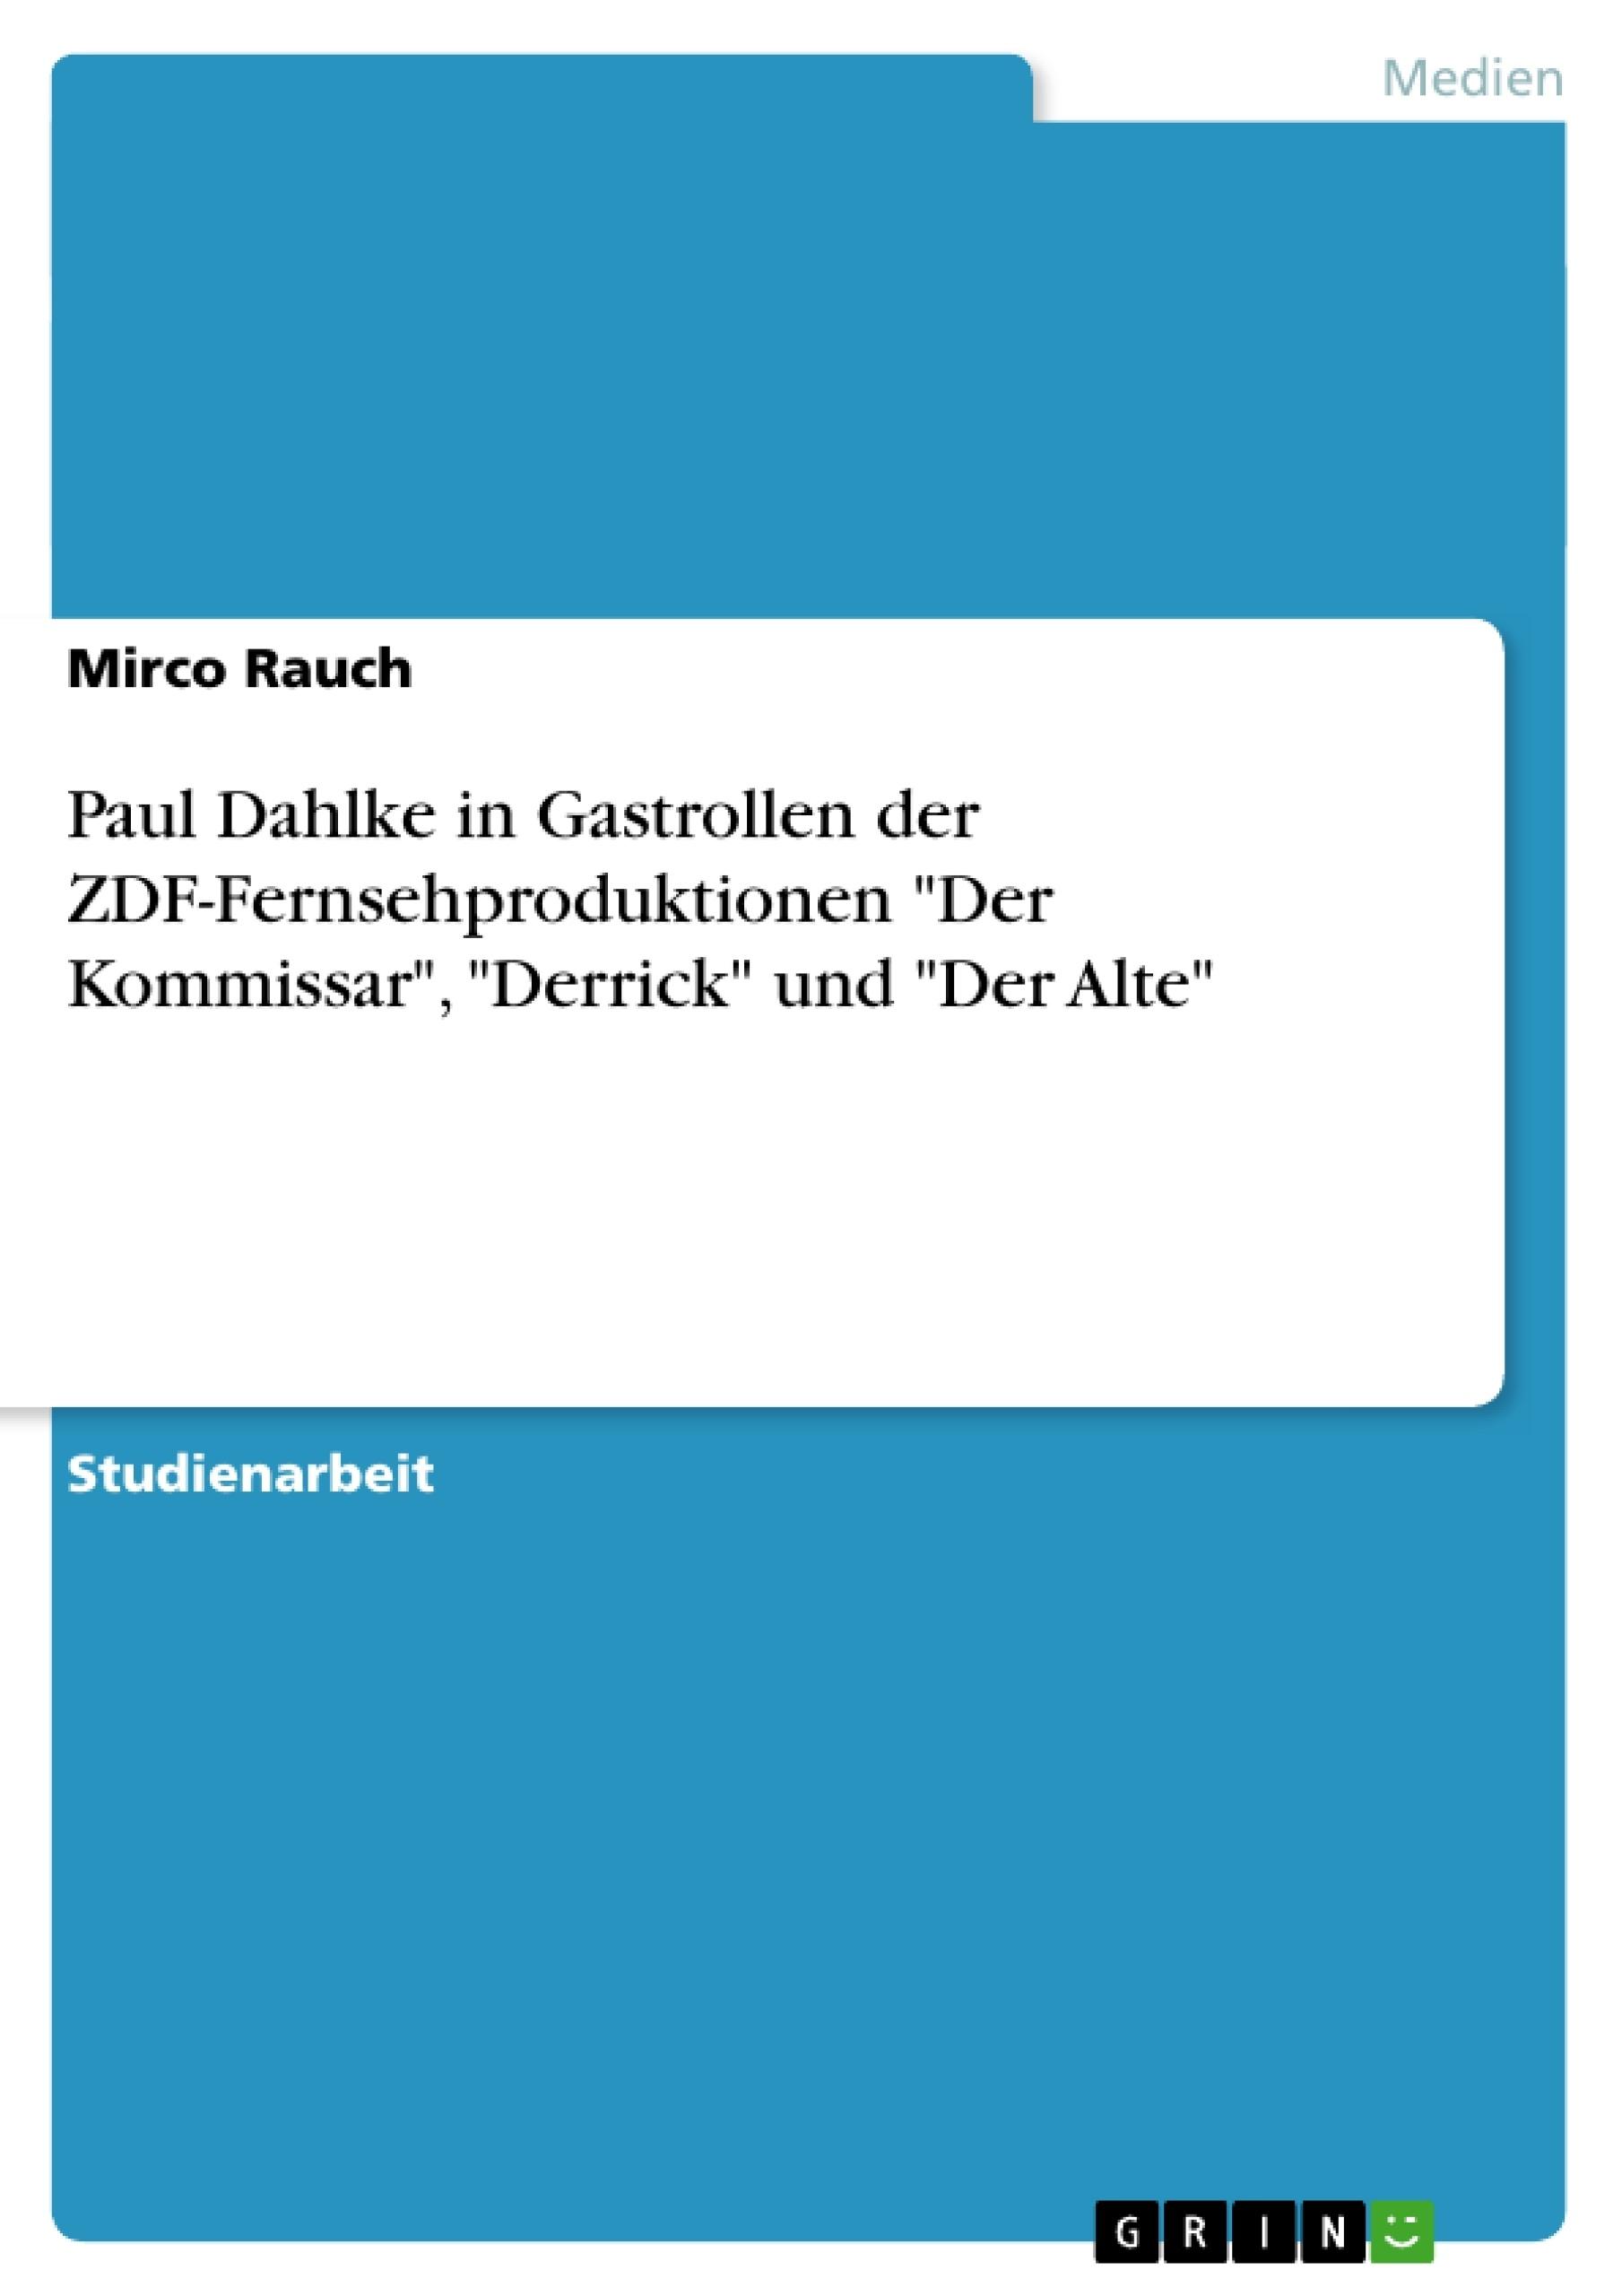 """Titel: Paul Dahlke in Gastrollen der ZDF-Fernsehproduktionen """"Der Kommissar"""", """"Derrick"""" und """"Der Alte"""""""